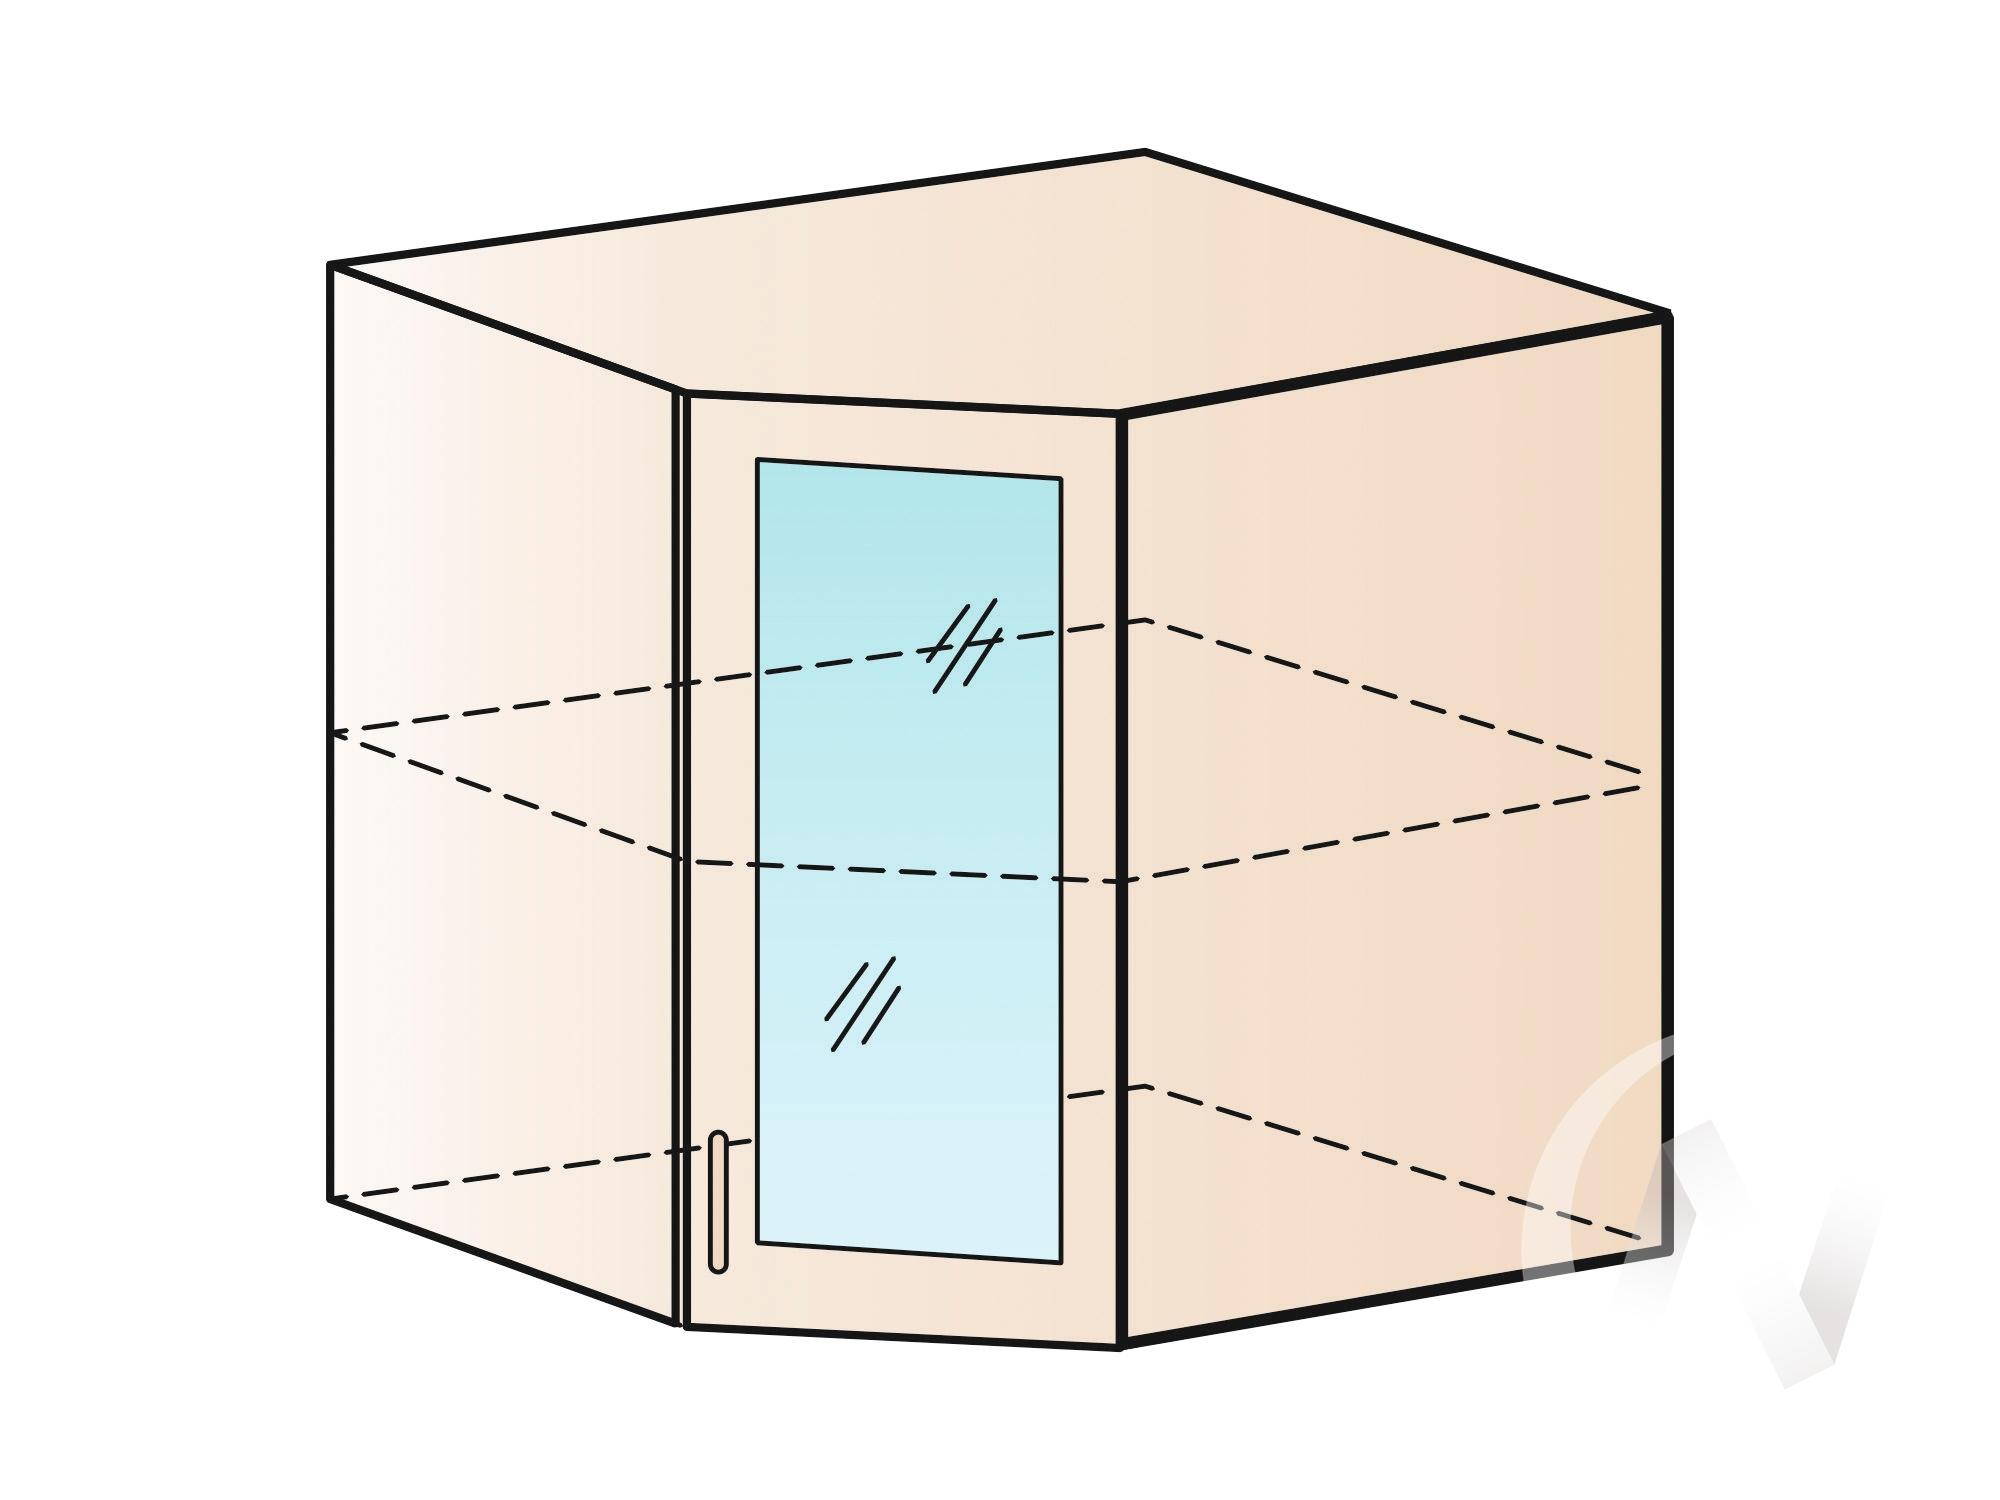 """Купить кухня """"вена"""": шкаф верхний угловой со стеклом 590, швус 590 (корпус белый) в Новосибирске в интернет-магазине Мебель плюс Техника"""